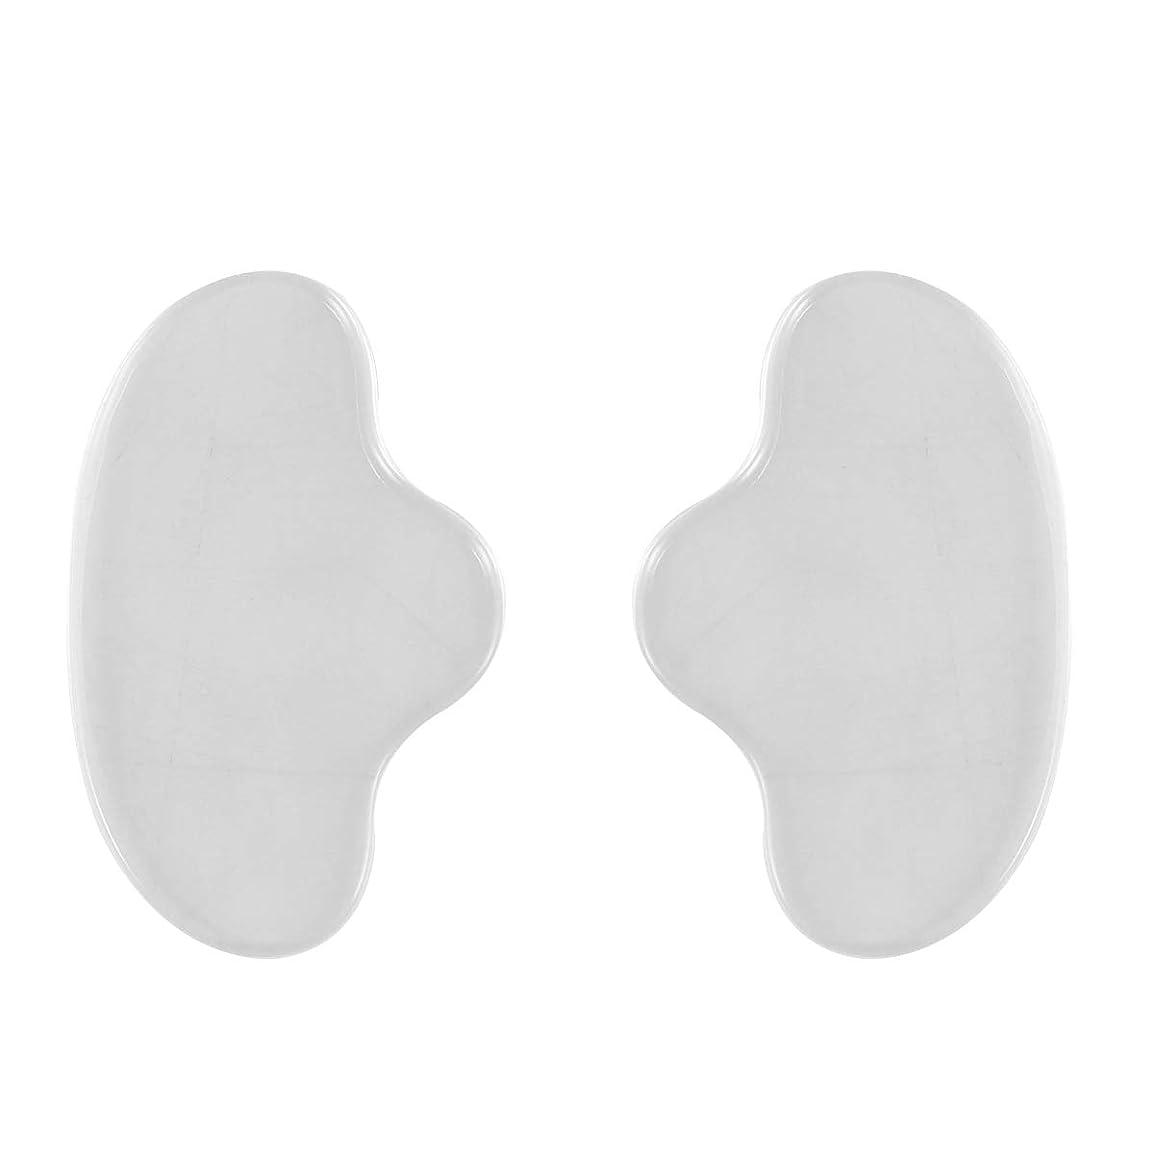 脚暴力アルカトラズ島Healiftyシリコンフェイシャルチンマスクフェイスパッドシワ防止リムーバーパッチ再利用可能な見えないパッド防止フェイスシワ2個